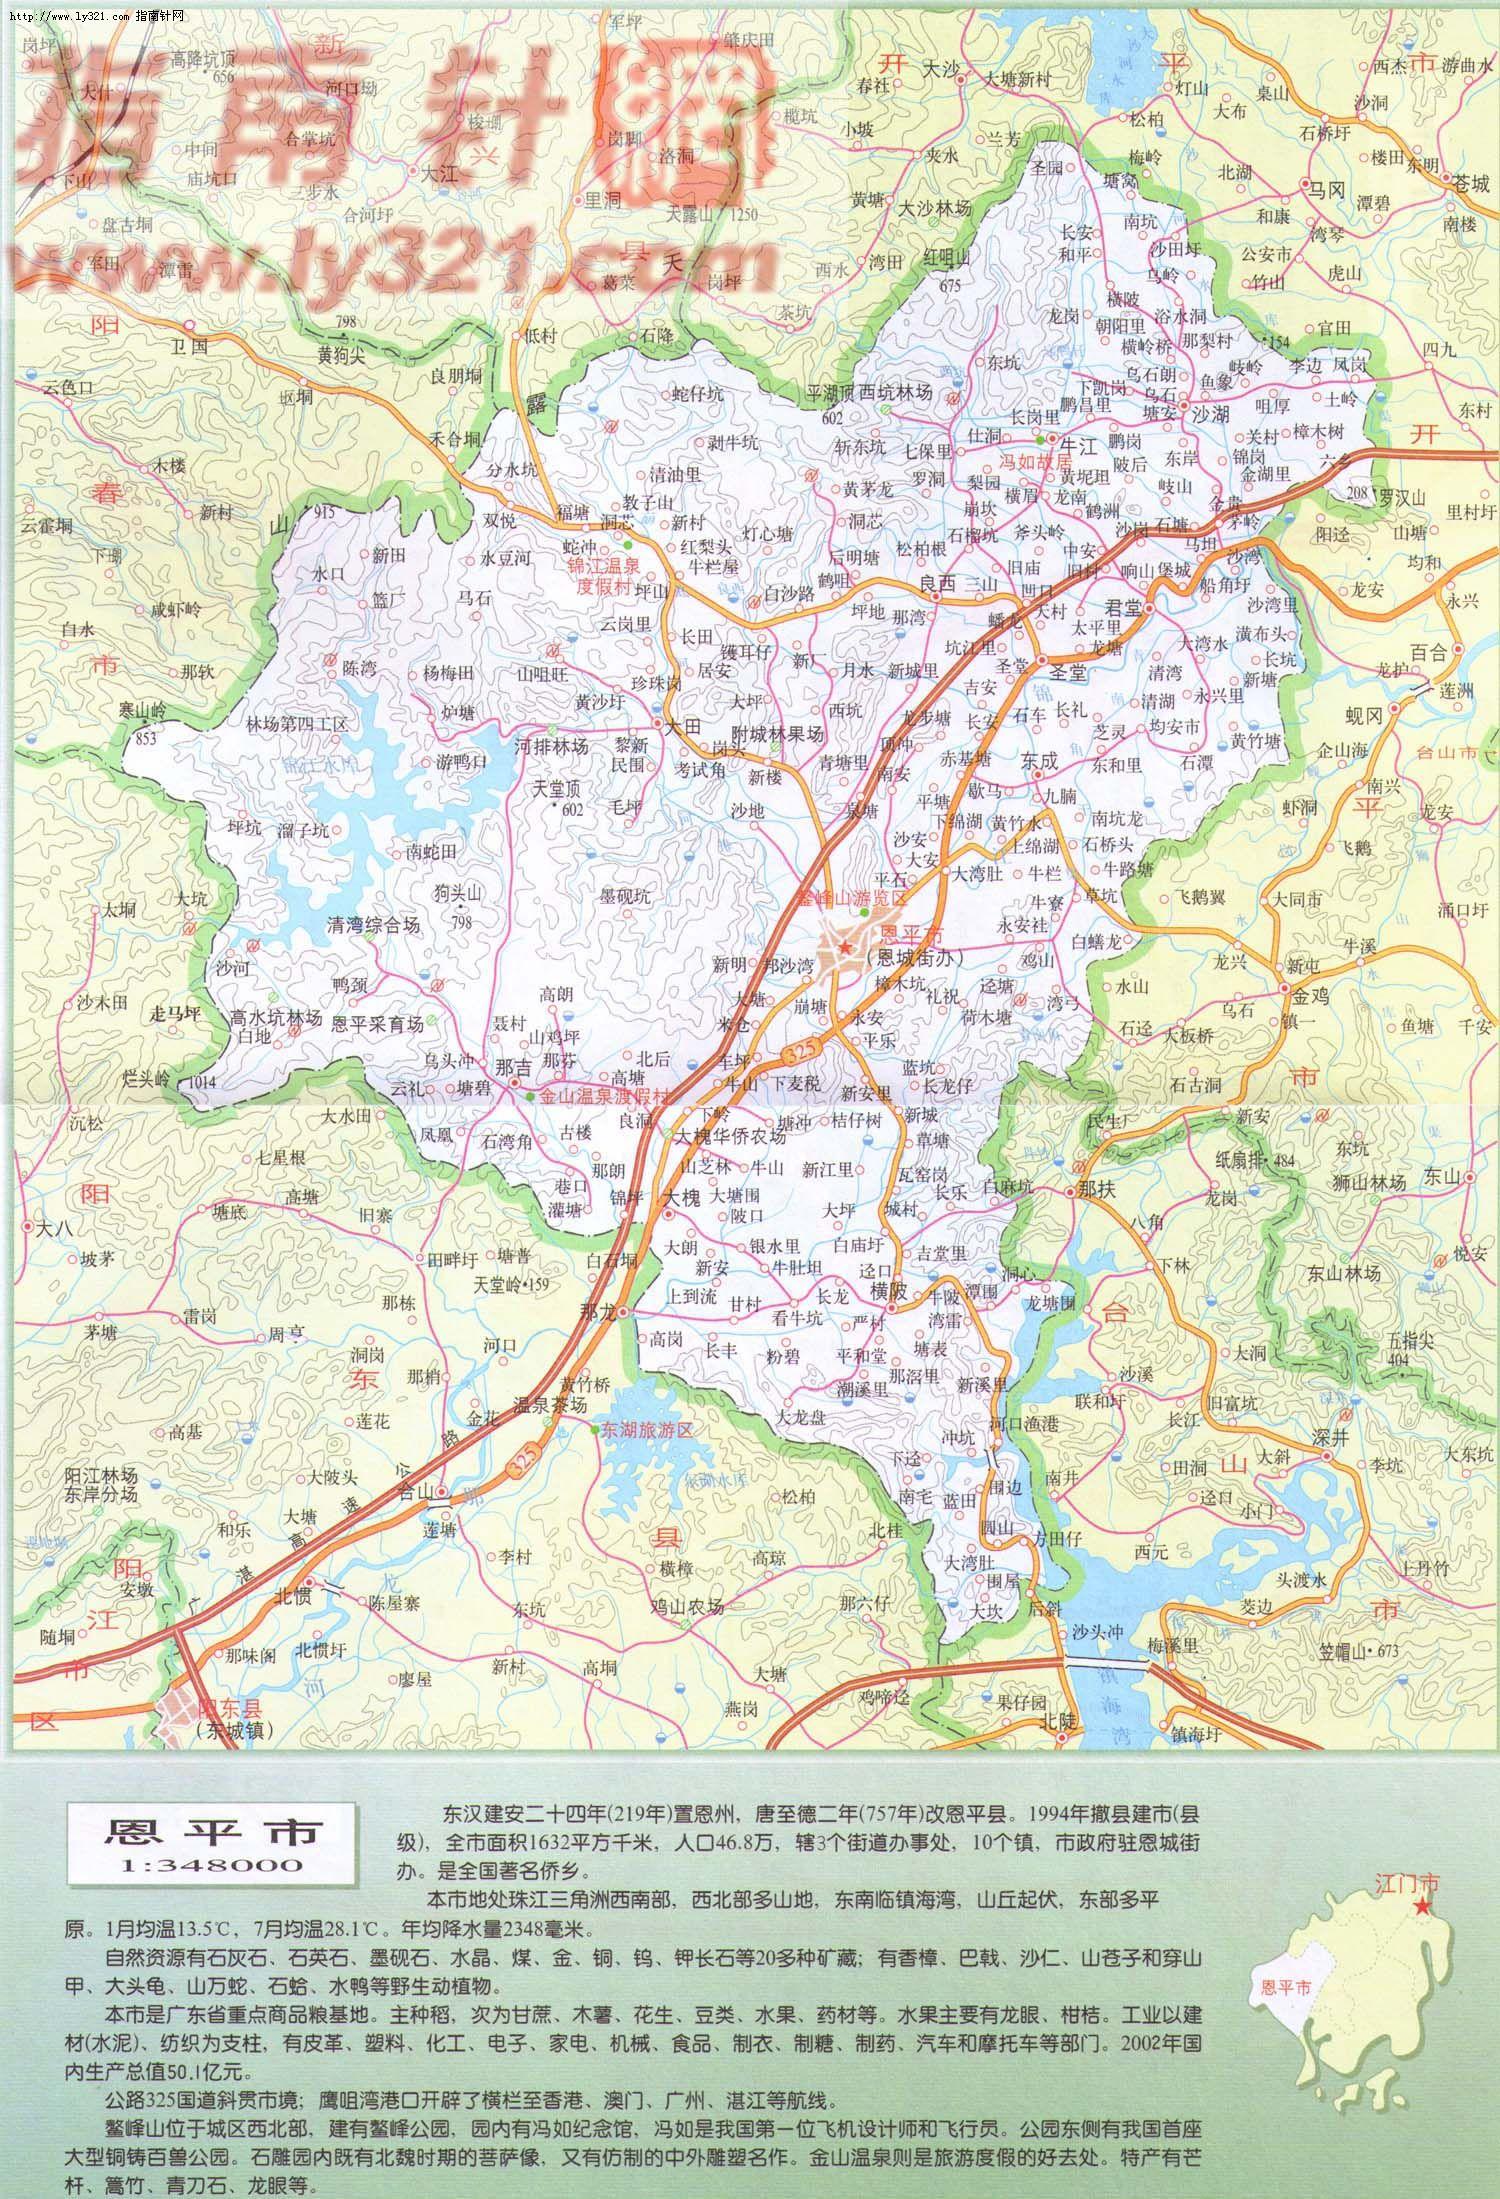 广东省江门市恩平市地图